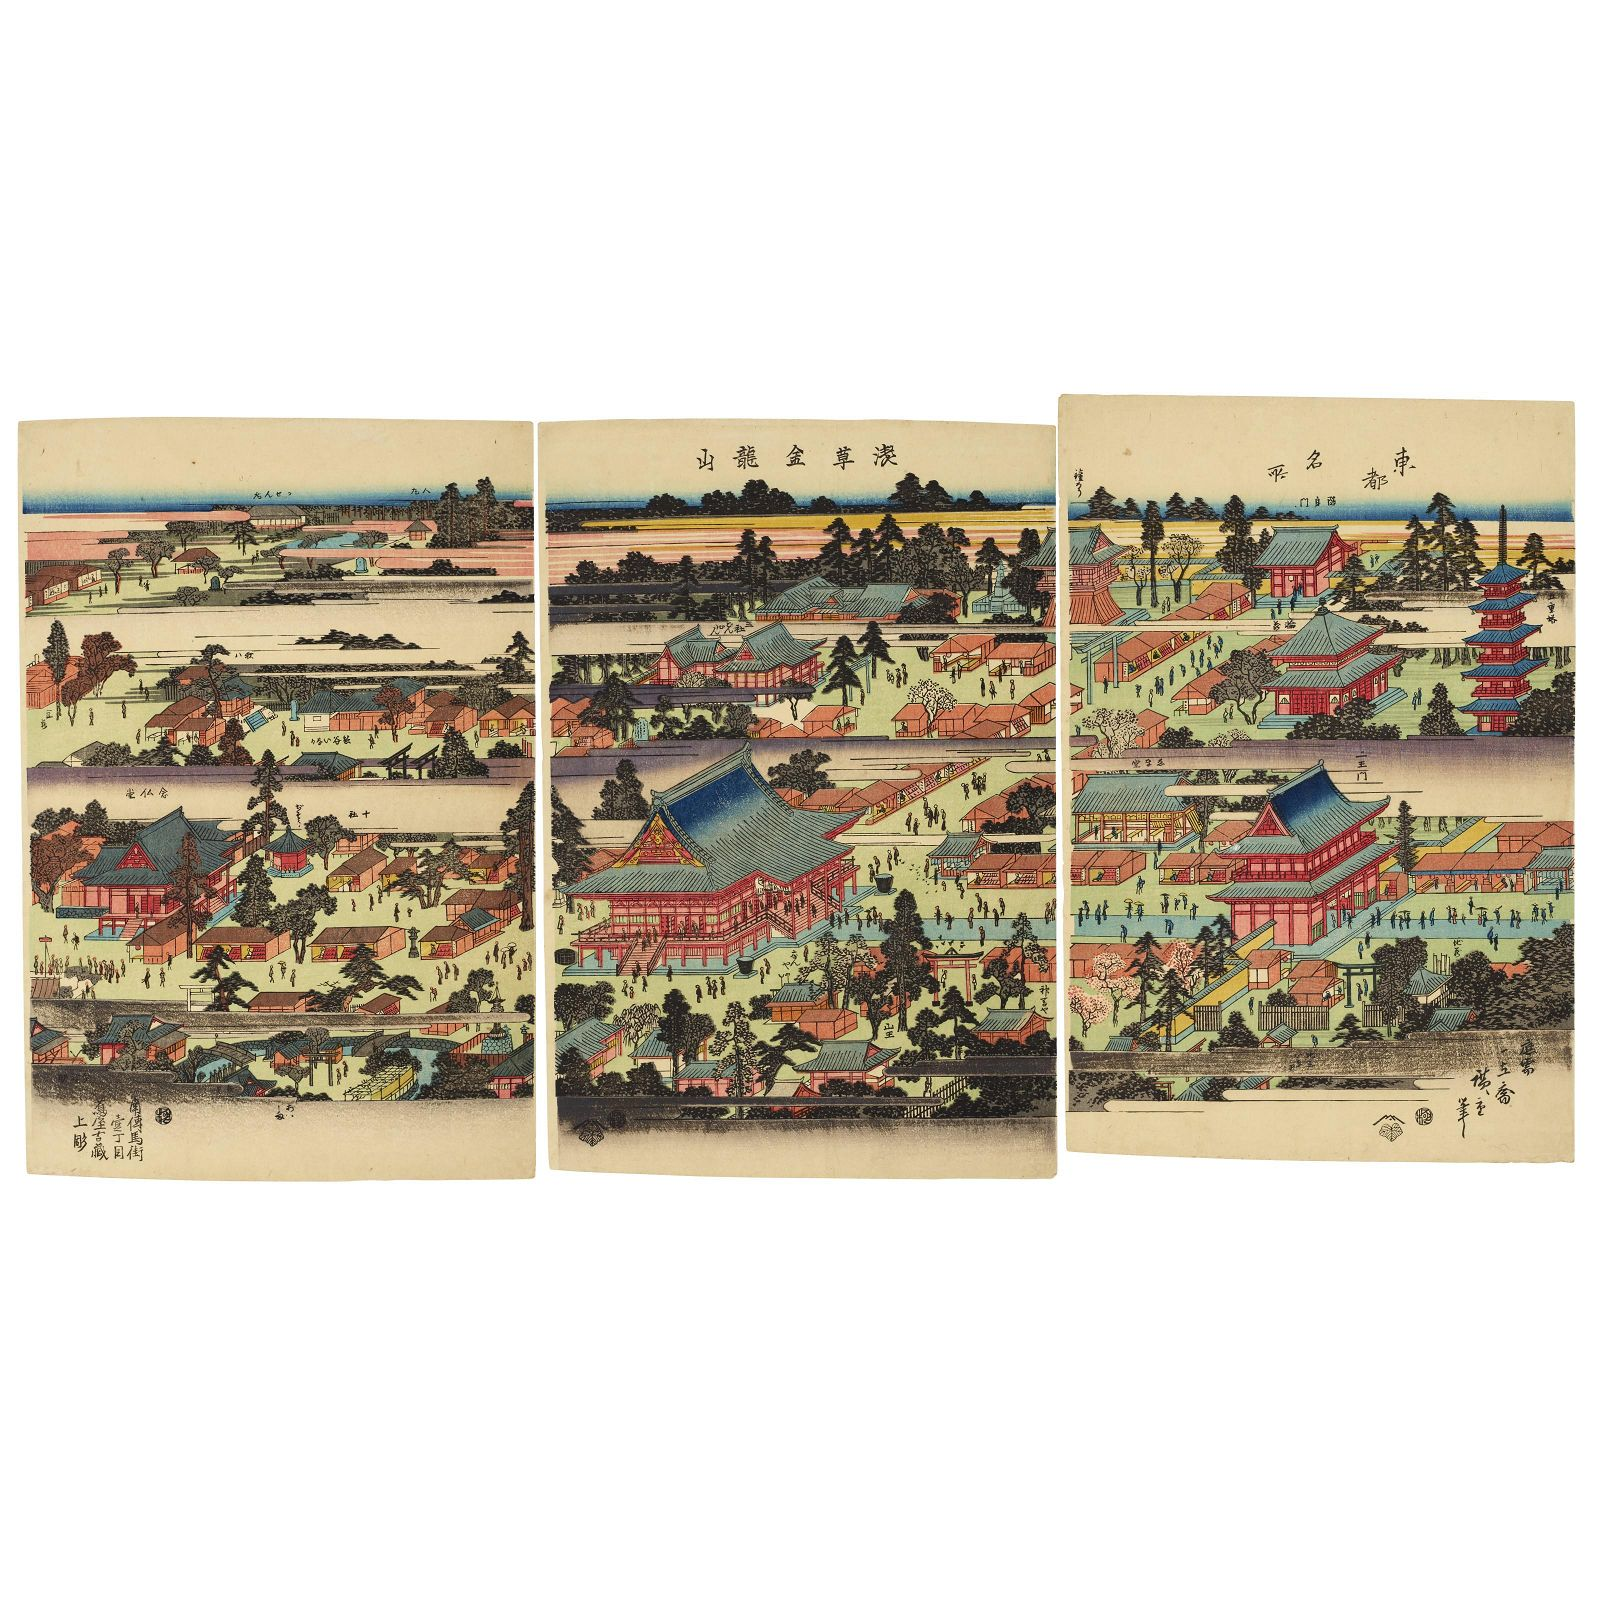 UTAGAWA HIROSHIGE (1797-1858)`